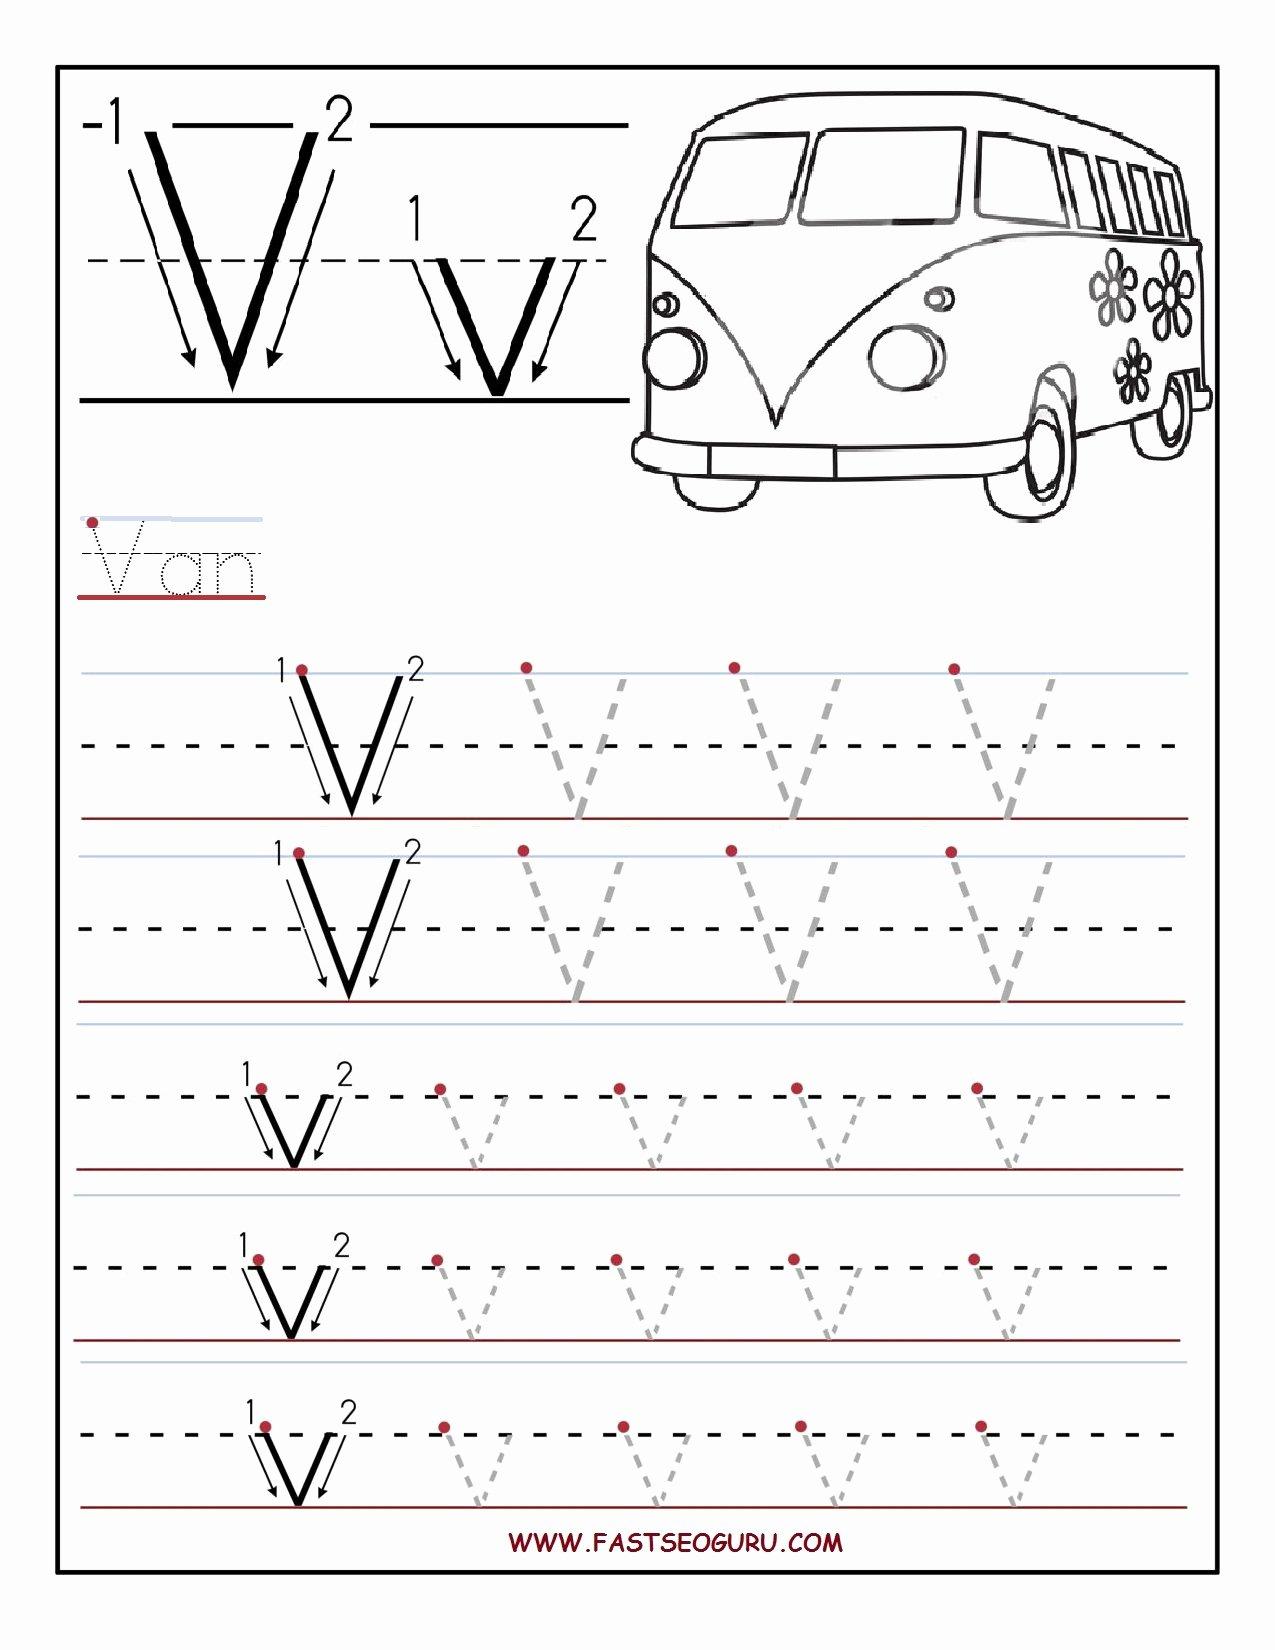 Letter V Worksheets for Preschoolers top Printable Letter V Tracing Worksheets for Preschool